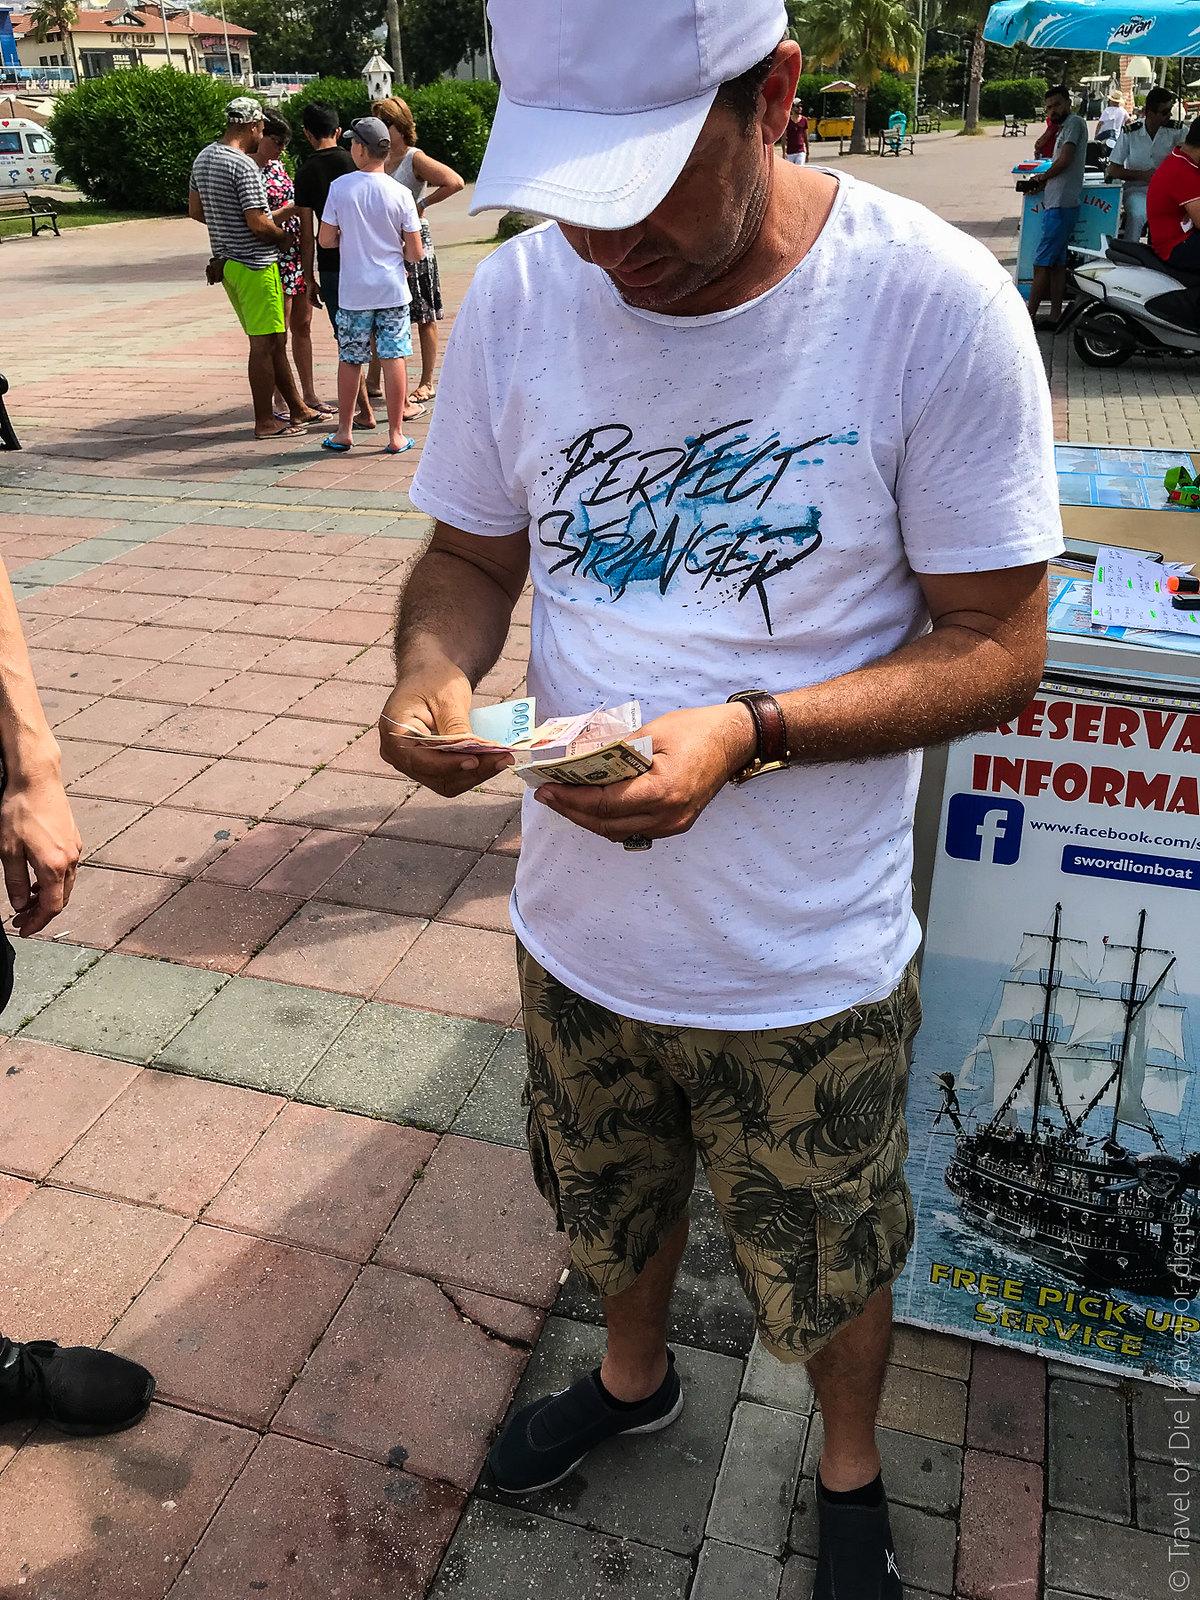 Pirate-Yacht-Alanya-Прогулка-на-пиратской-яхте-в-Алании-7058